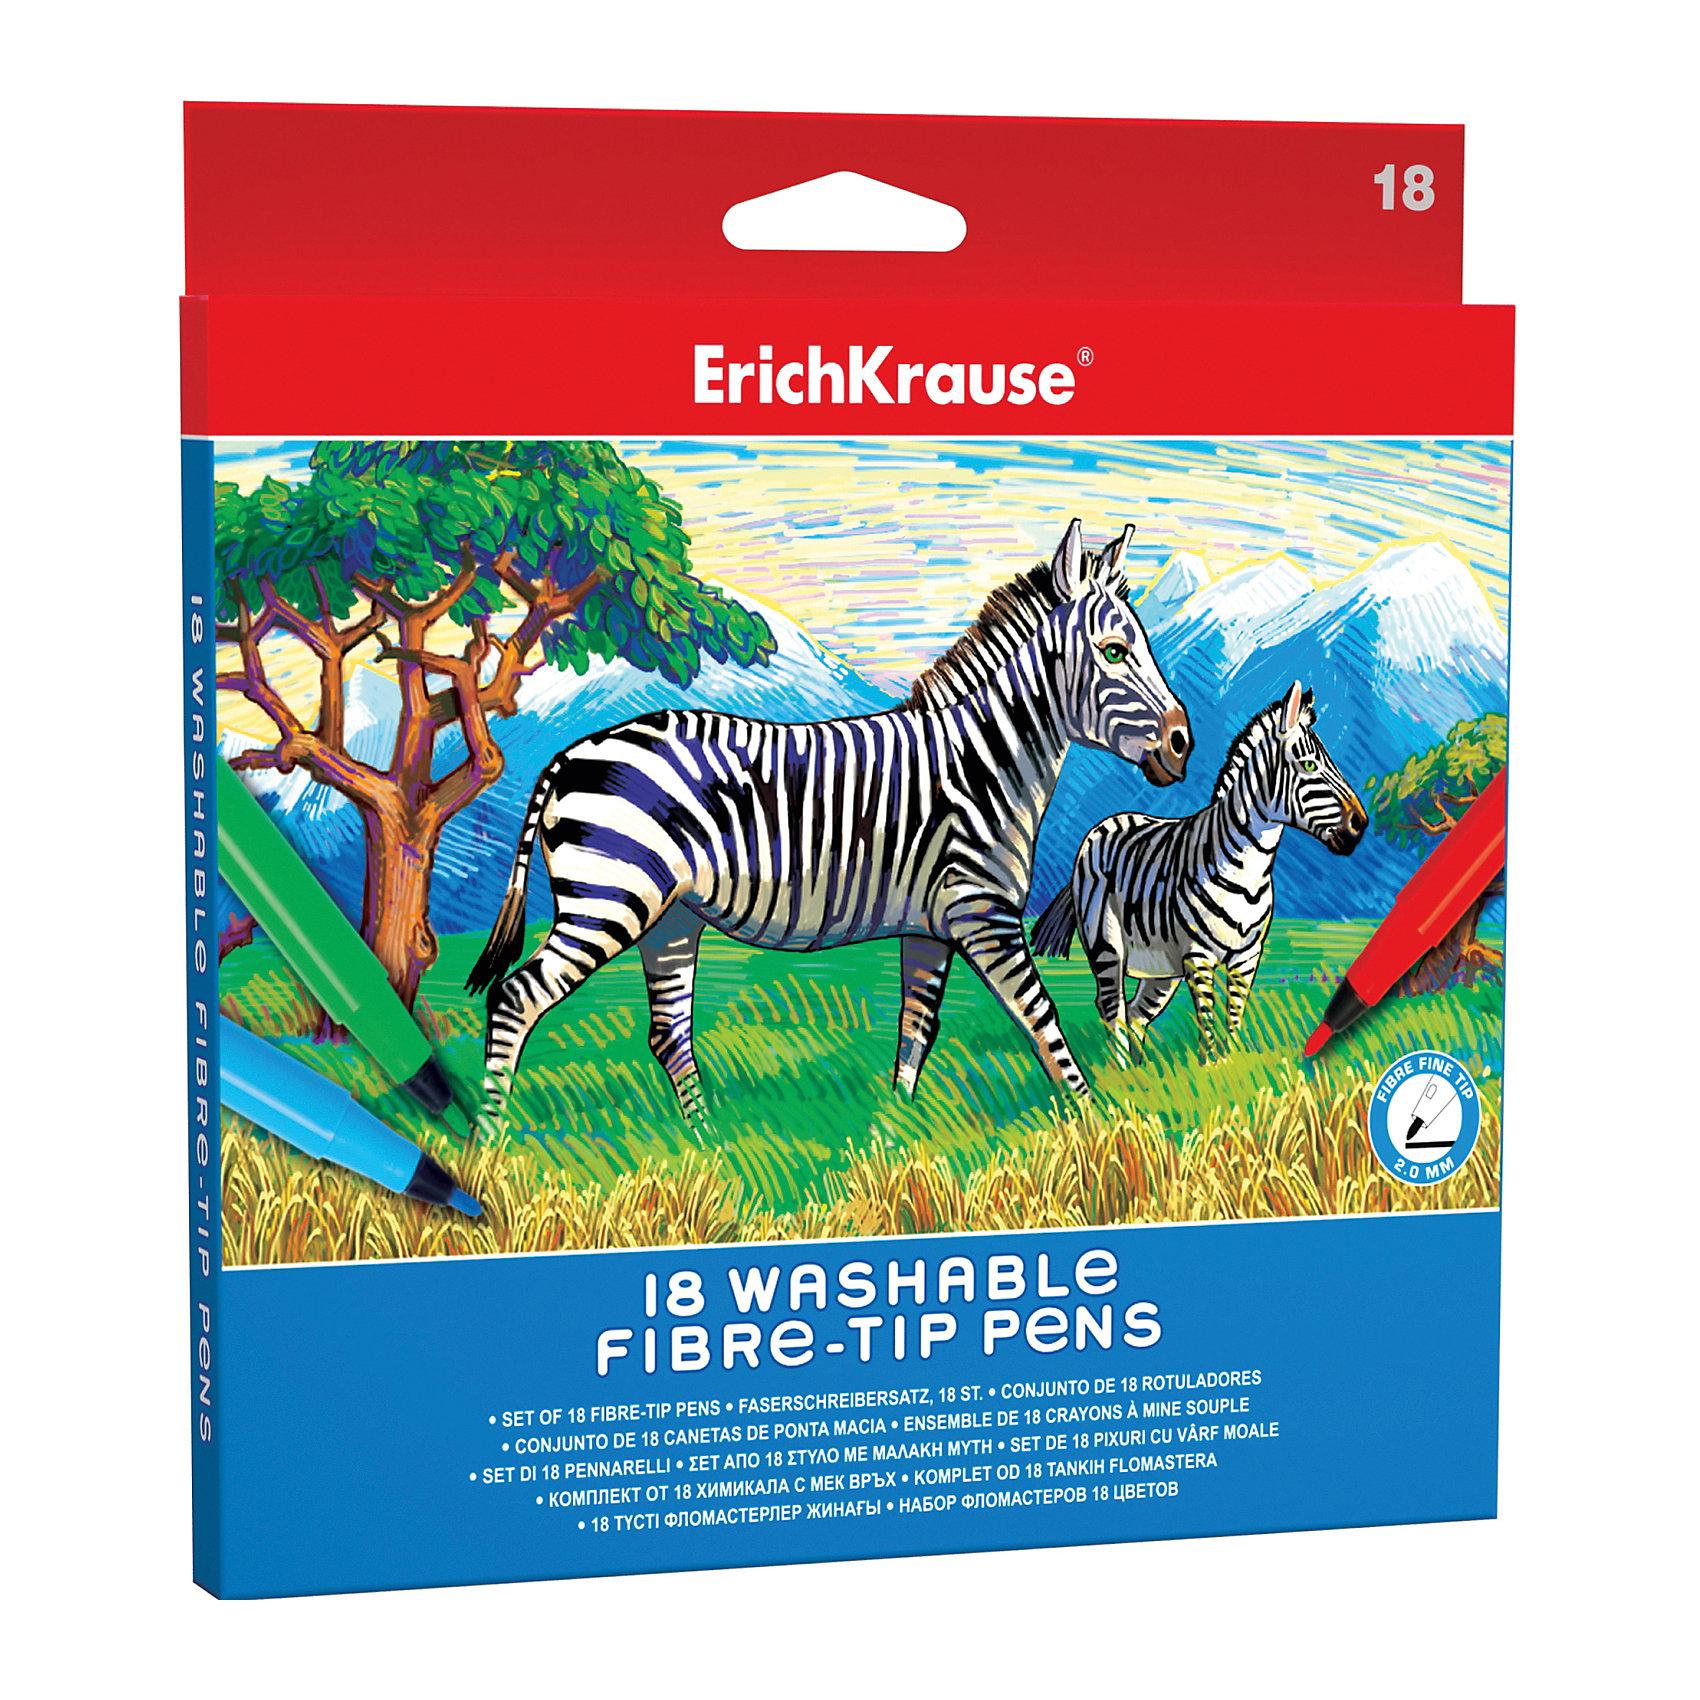 Фломастеры ArtBerry easy washable, 18 цветовПисьменные принадлежности<br>Характеристики товара:<br><br>• материал упаковки: пластик <br>• наконечник: fine-tip 2 mm<br>• количество цветов: 18<br>• возраст: от 5 лет<br>• вес: 130 г<br>• страна производитель: Малайзия<br><br>Благодаря красивой и тонкой линии фломастеры – один из любимых материалов для творчества. К сожалению, не все дети аккуратно рисуют. Но теперь проблема с удалением сложных пятен от фломастеров решена: новые фломастеры легко смываются водой с любой одежды!<br><br>Фломастеры ArtBerry easy washable, 18 цветов, можно купить в нашем интернет-магазине.<br><br>Ширина мм: 185<br>Глубина мм: 12<br>Высота мм: 190<br>Вес г: 130<br>Возраст от месяцев: 60<br>Возраст до месяцев: 2147483647<br>Пол: Унисекс<br>Возраст: Детский<br>SKU: 5409254